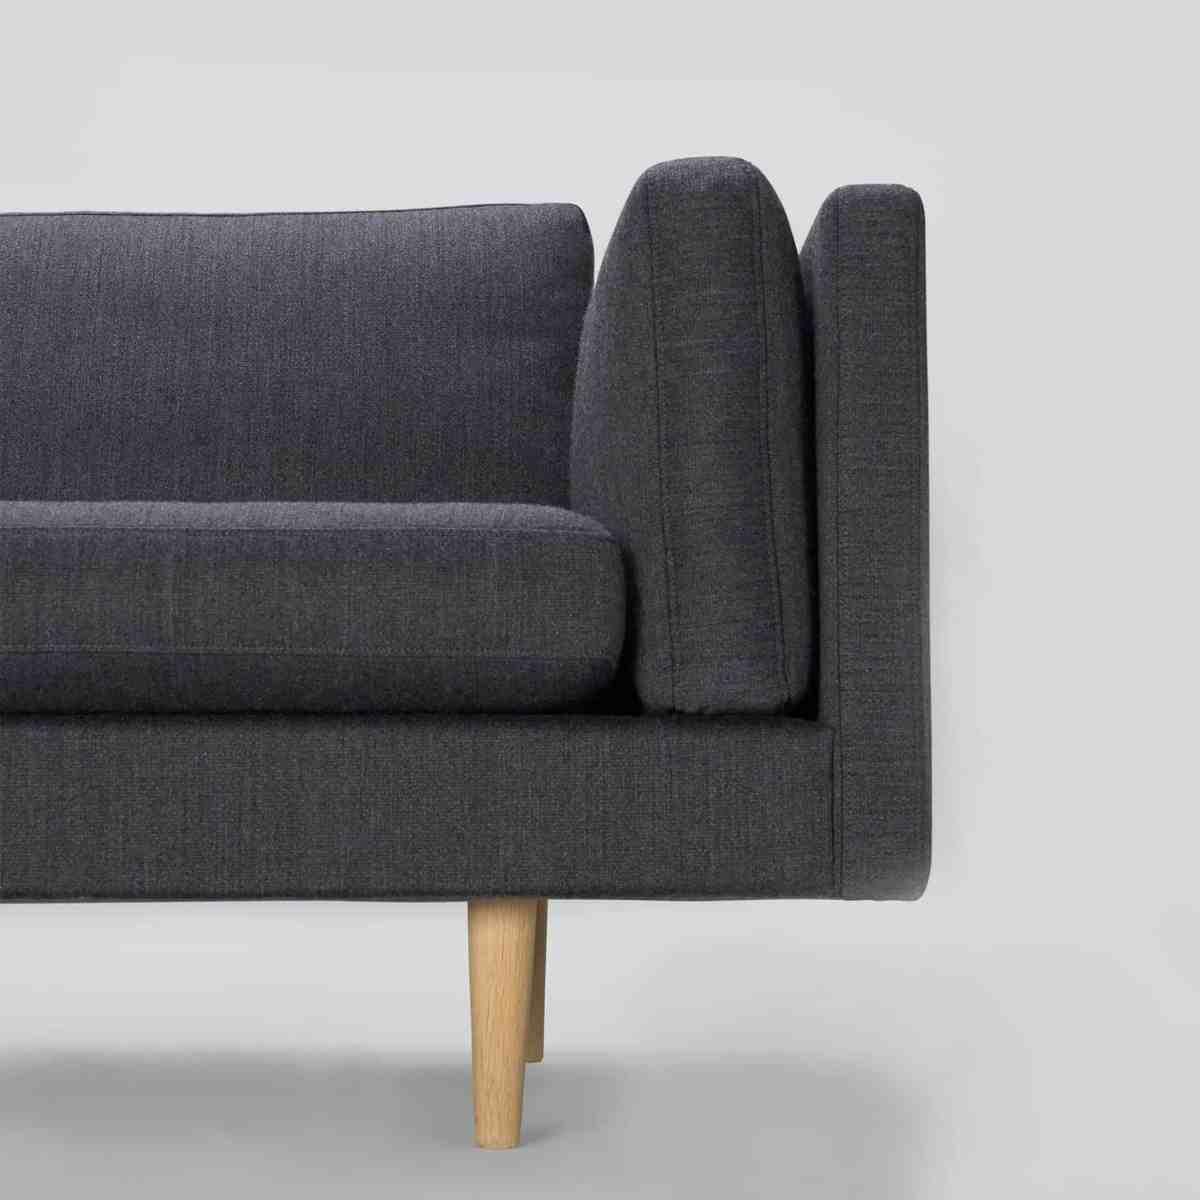 SL194-soren-lund-danish-sofa-002